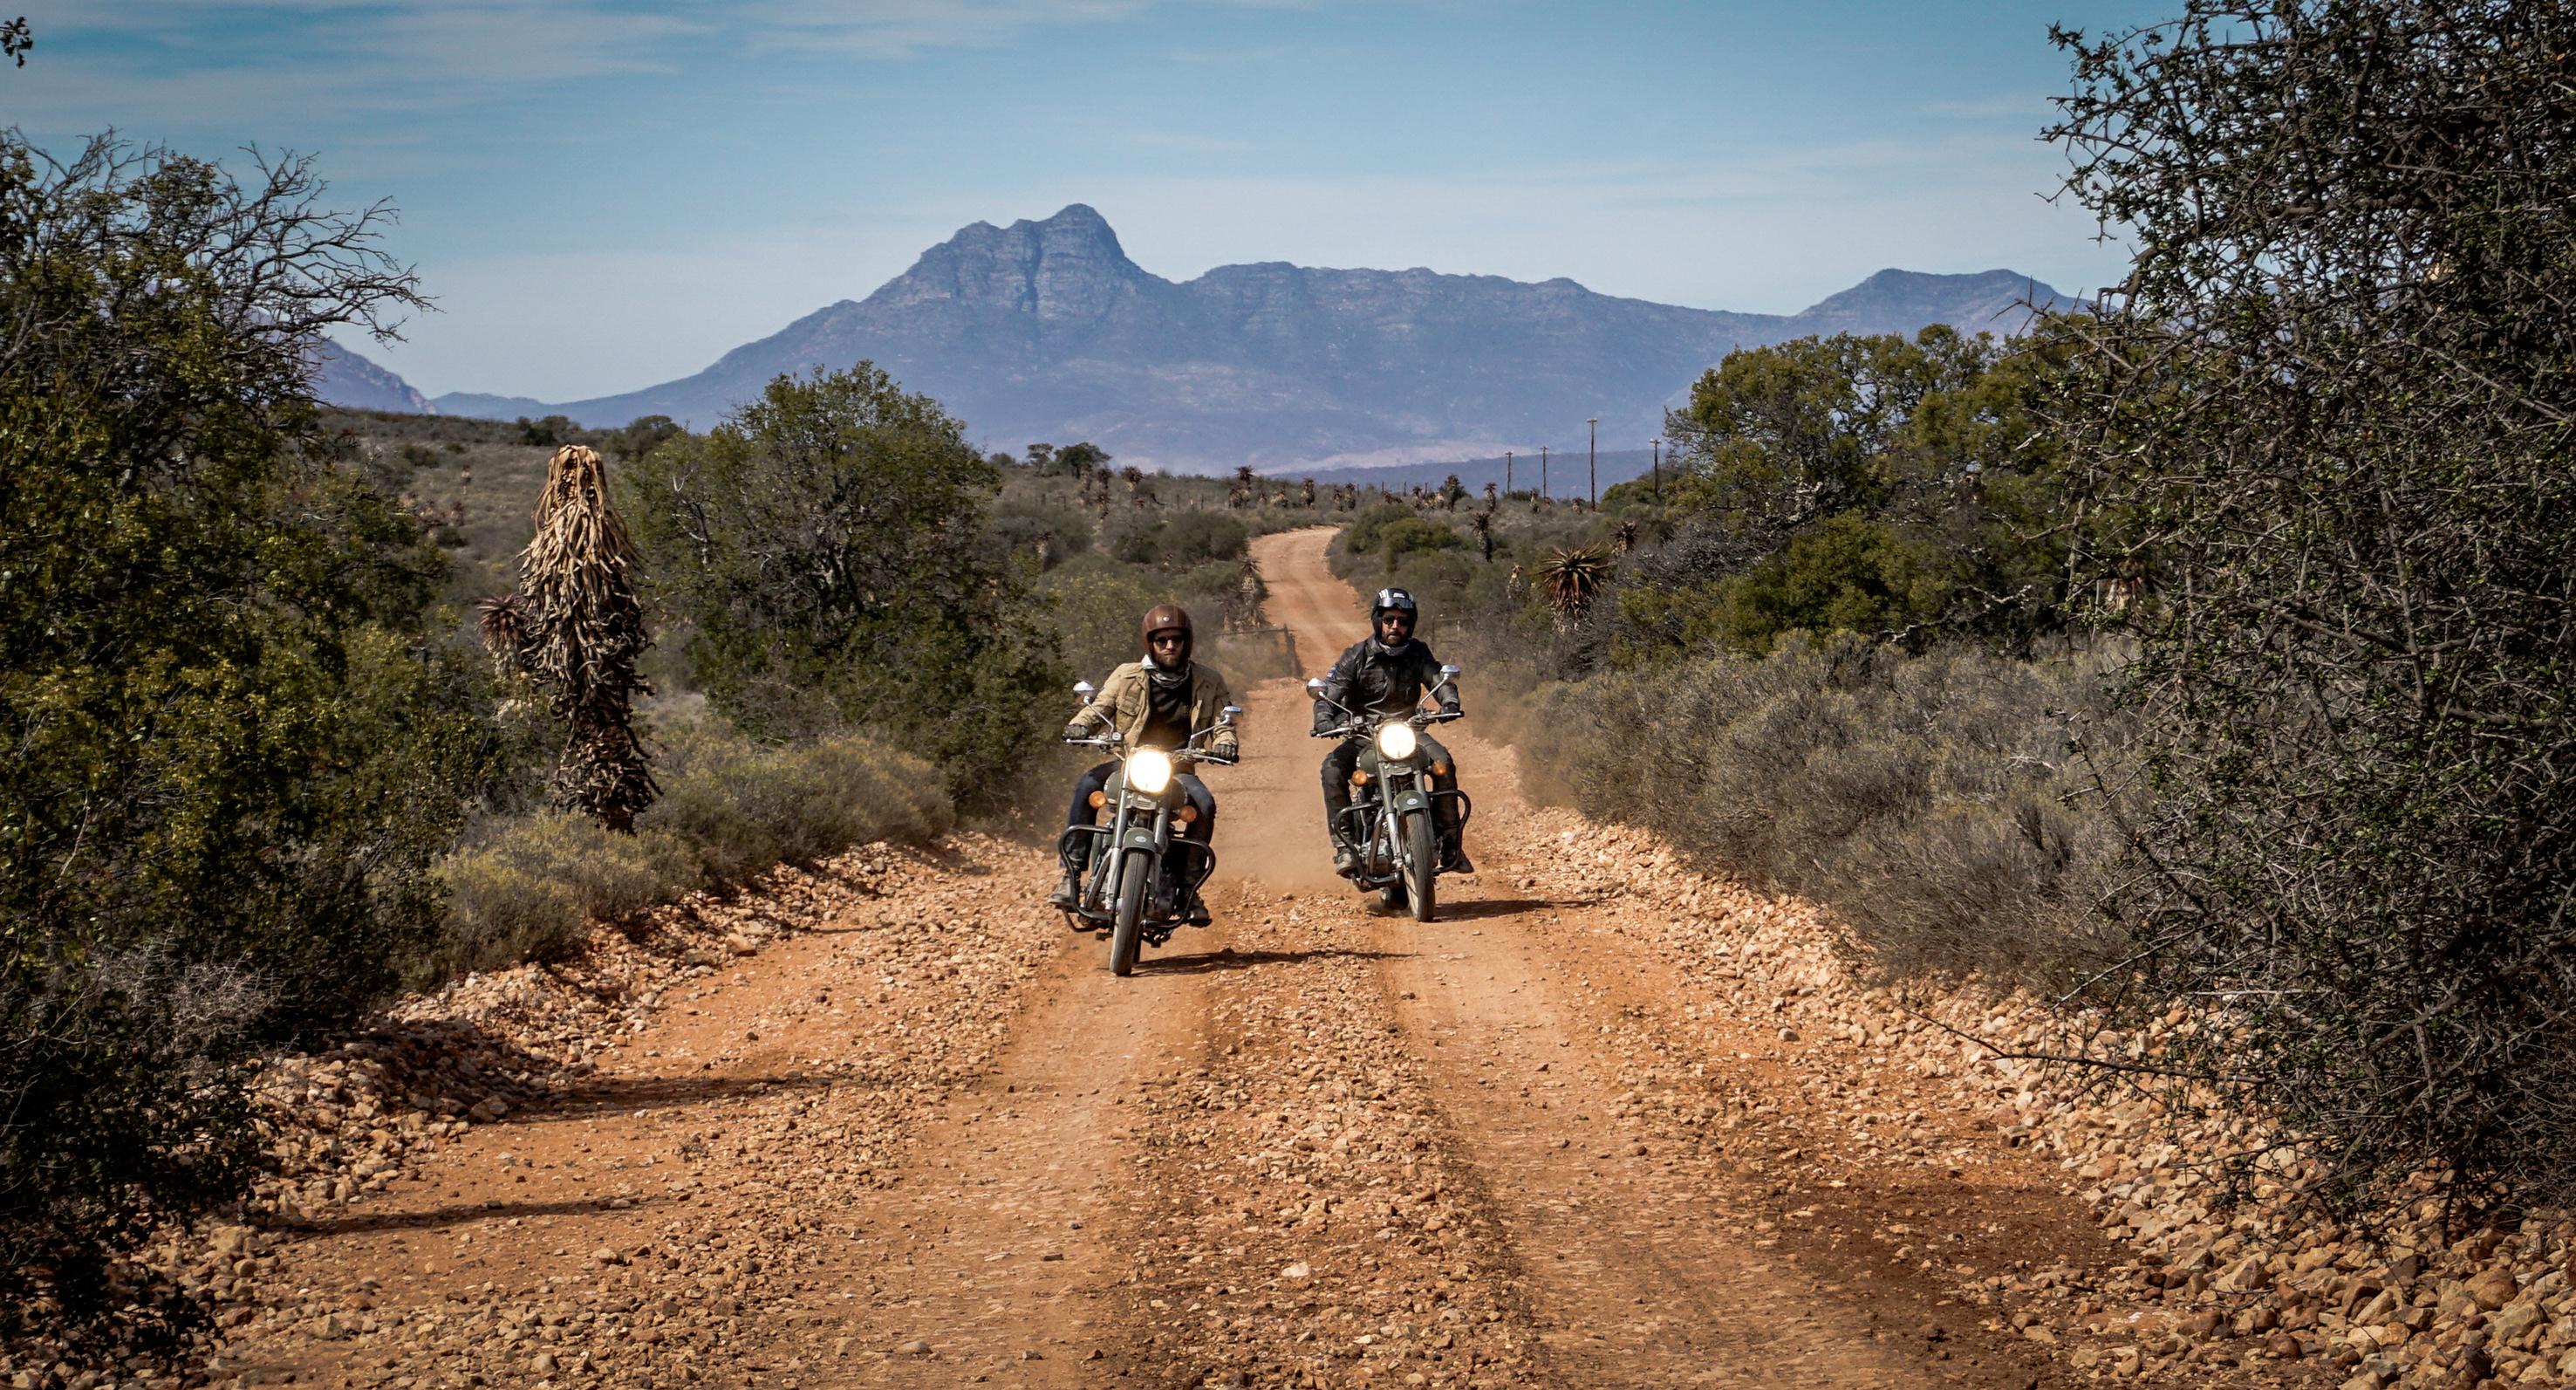 gagnez un voyage moto en afrique du sud mutuelle des motards. Black Bedroom Furniture Sets. Home Design Ideas